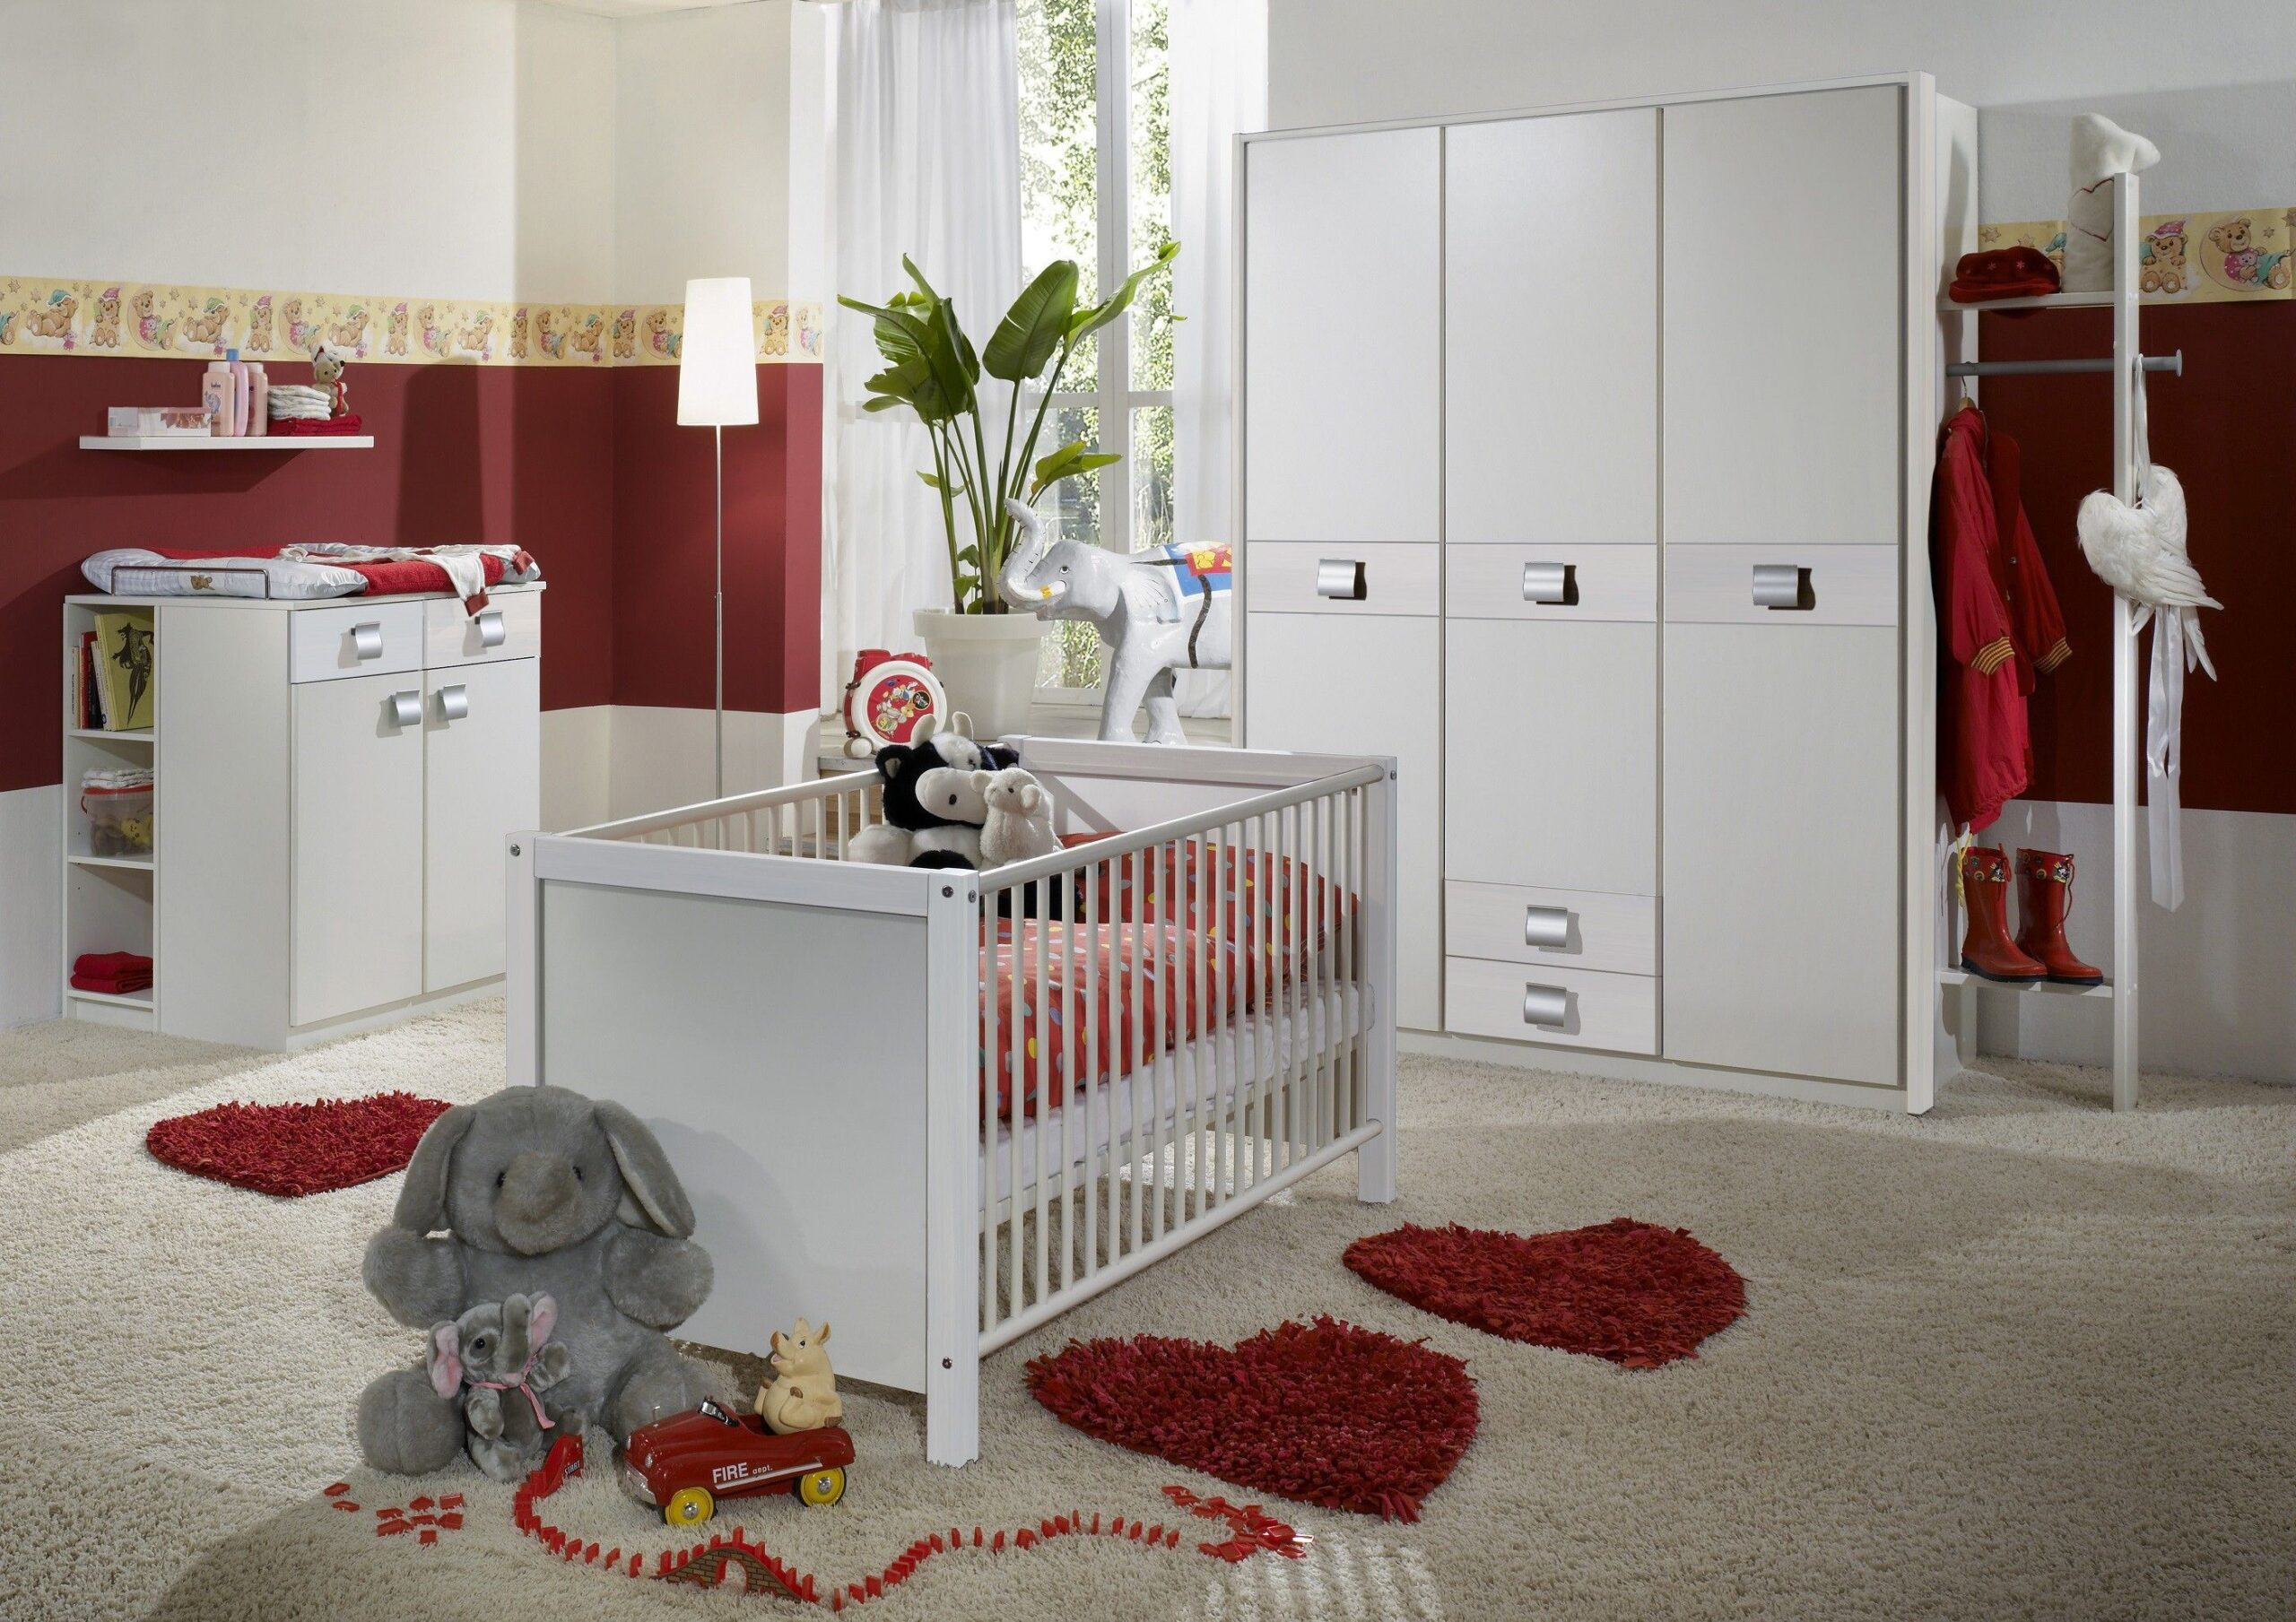 Full Size of Kinderzimmer Komplett Günstig Baby Fotos Gebraucht Luxus Von Küche Mit Elektrogeräten Bett 160x200 Günstige Schlafzimmer Betten Garten Loungemöbel Fenster Kinderzimmer Kinderzimmer Komplett Günstig